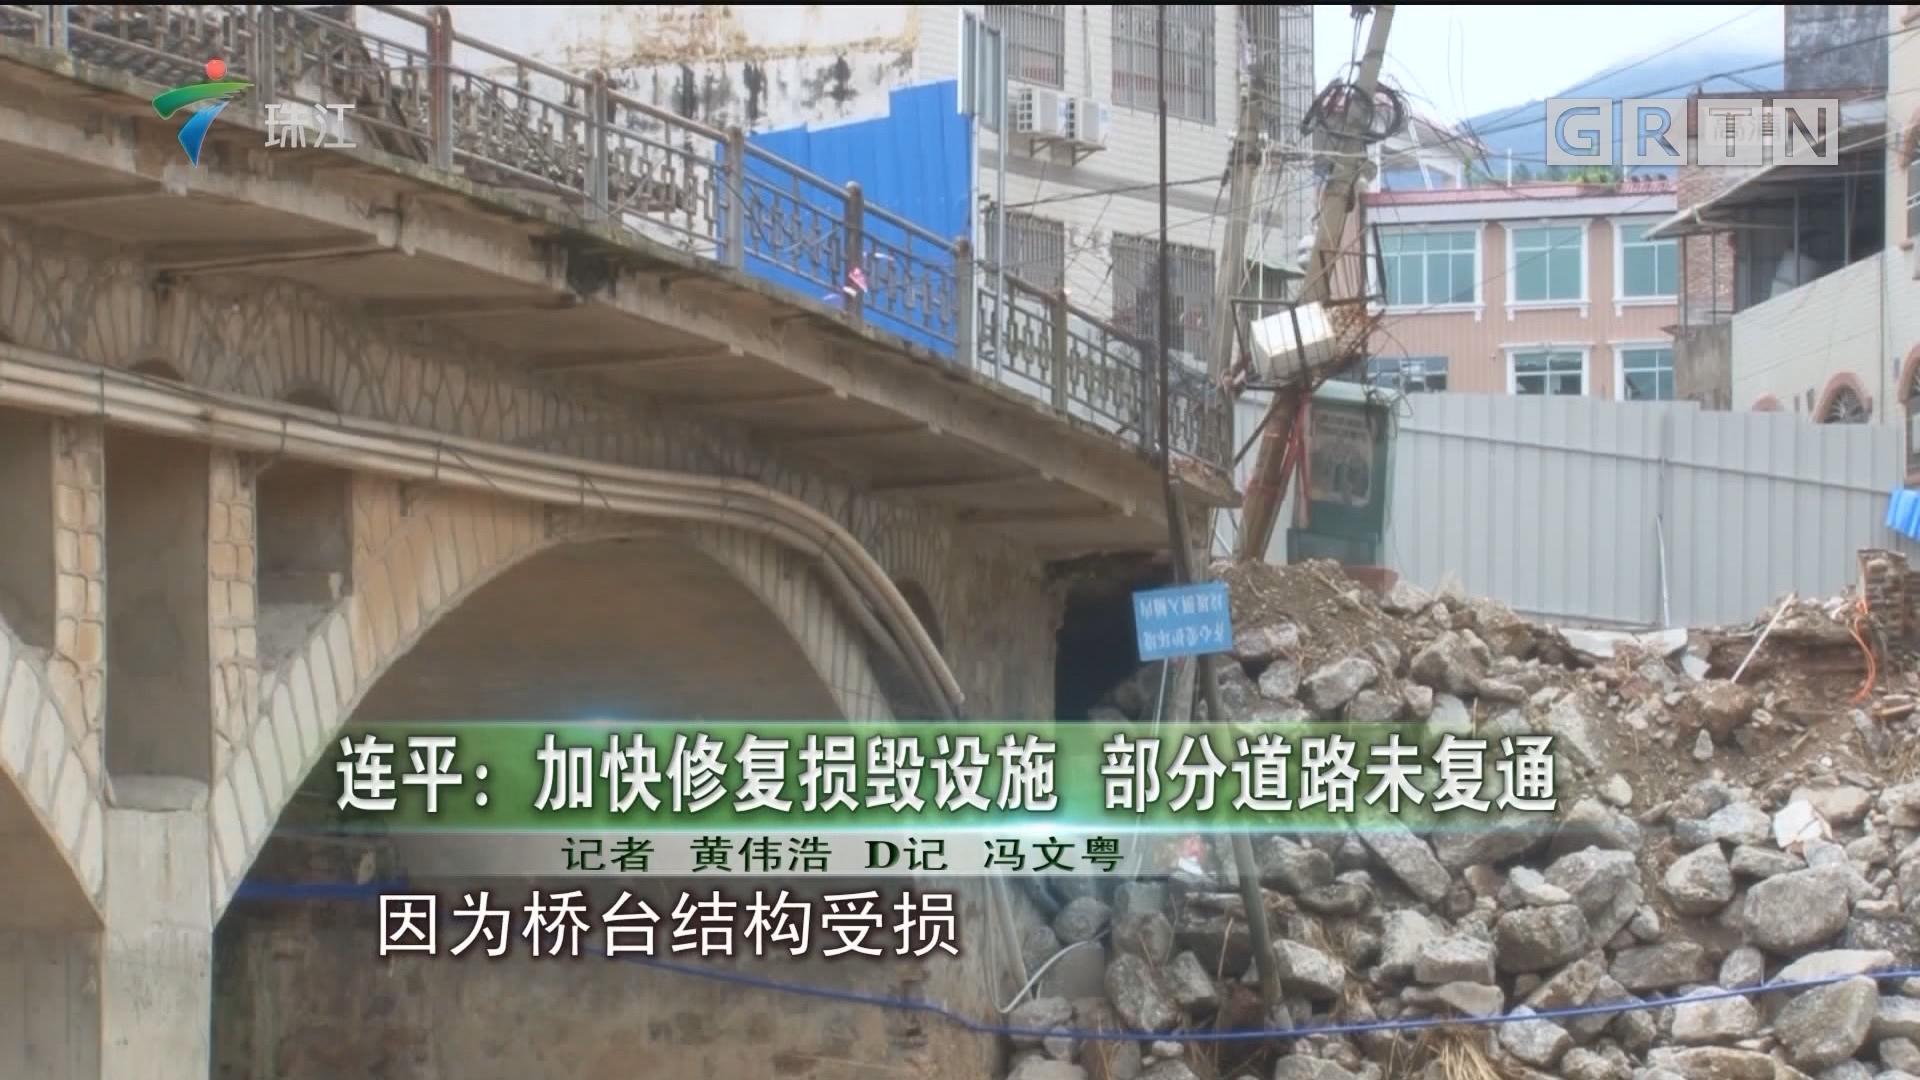 连平:加快修复损毁设施 部分道路未复通